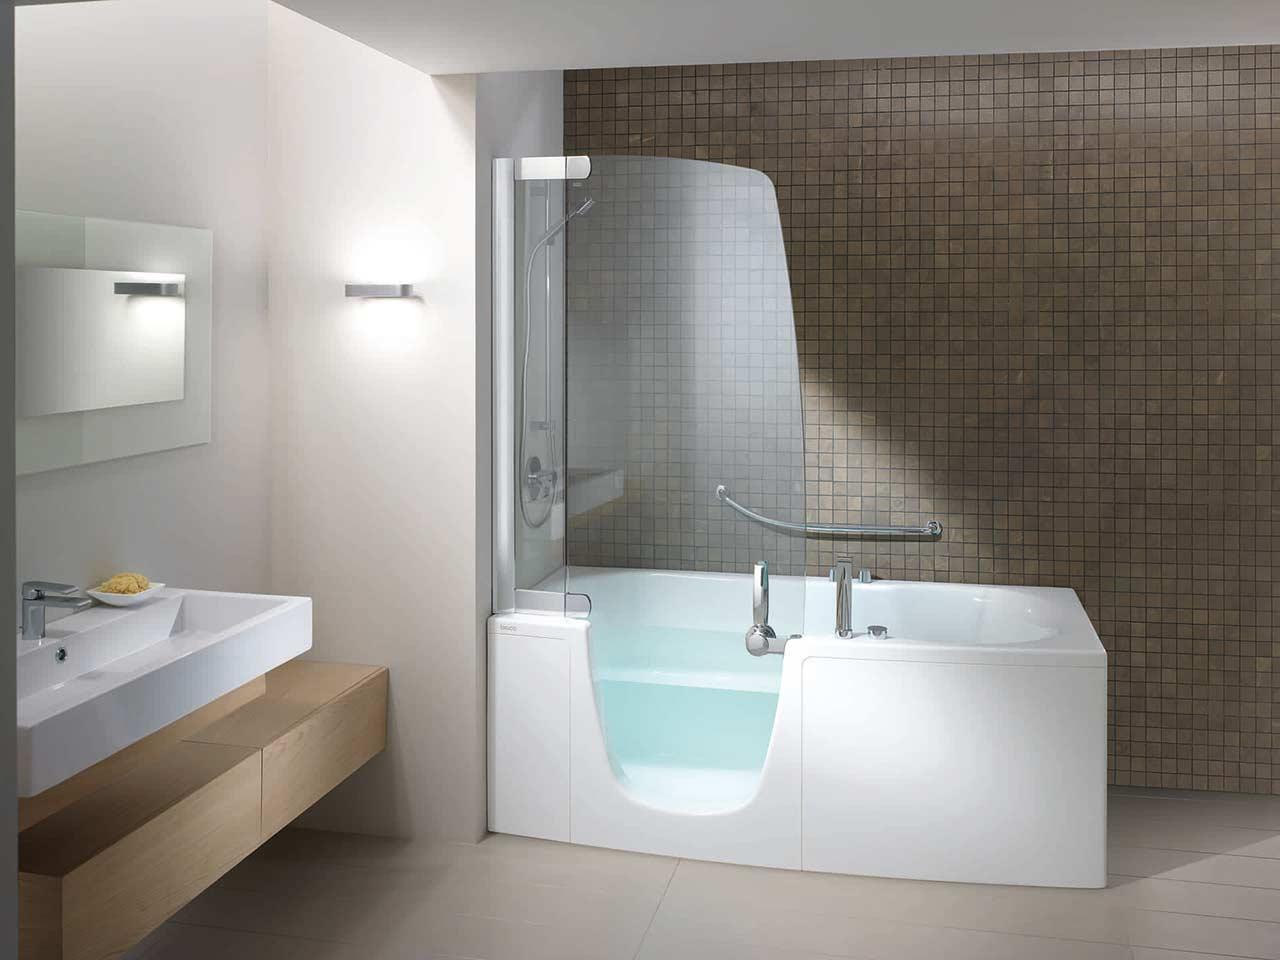 Idee per il bagno vasca e doccia schiavi spa - Idee box doccia ...